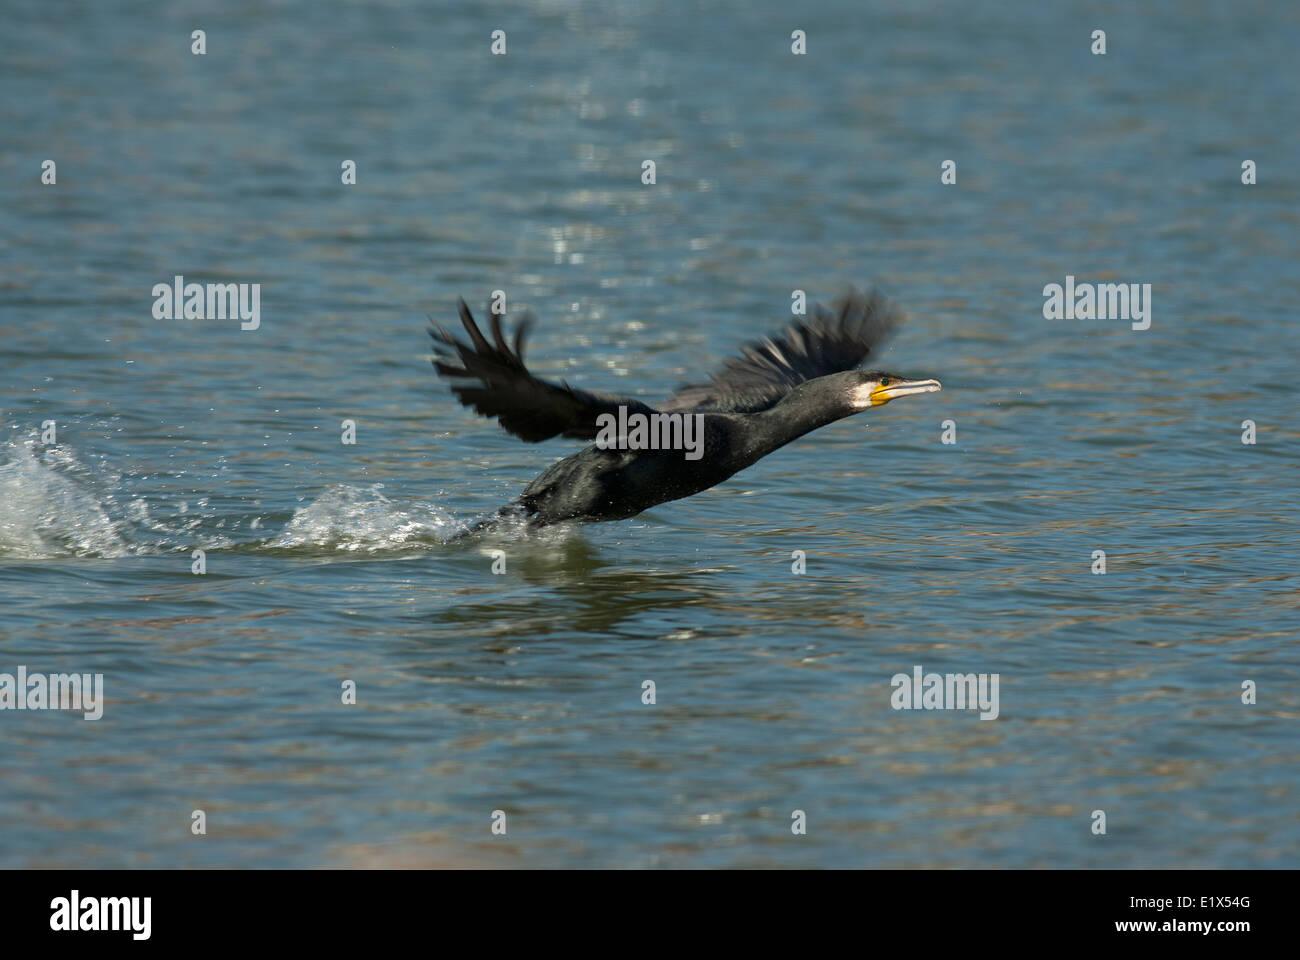 Cormorant in flight on the water, Phalacrocorax carbo, Castiglione della Pescaia, Tuscany, Italy - Stock Image